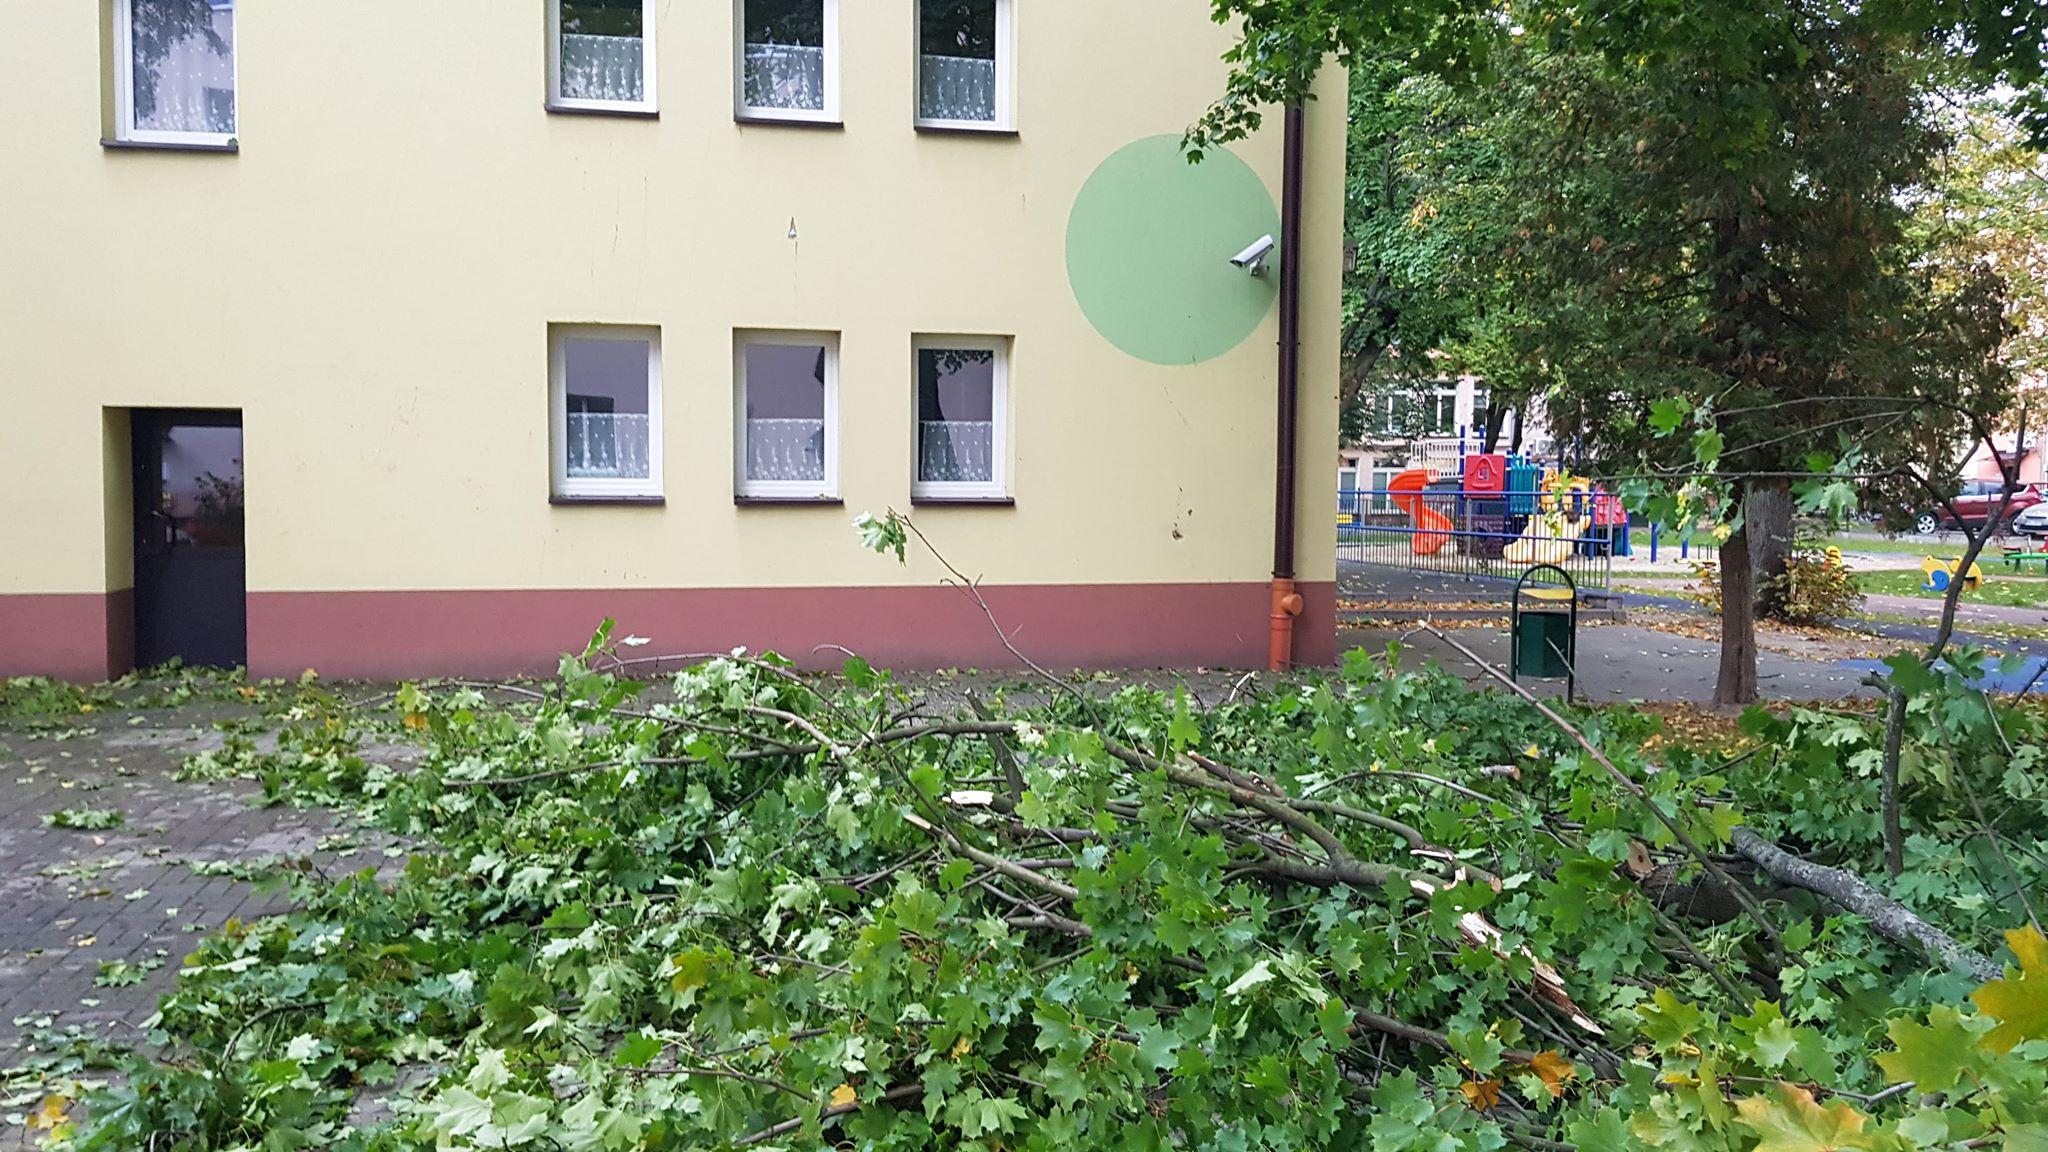 Sytuacja po wichurze w Mielcu: konary spadają na ulice  - Zdjęcie główne